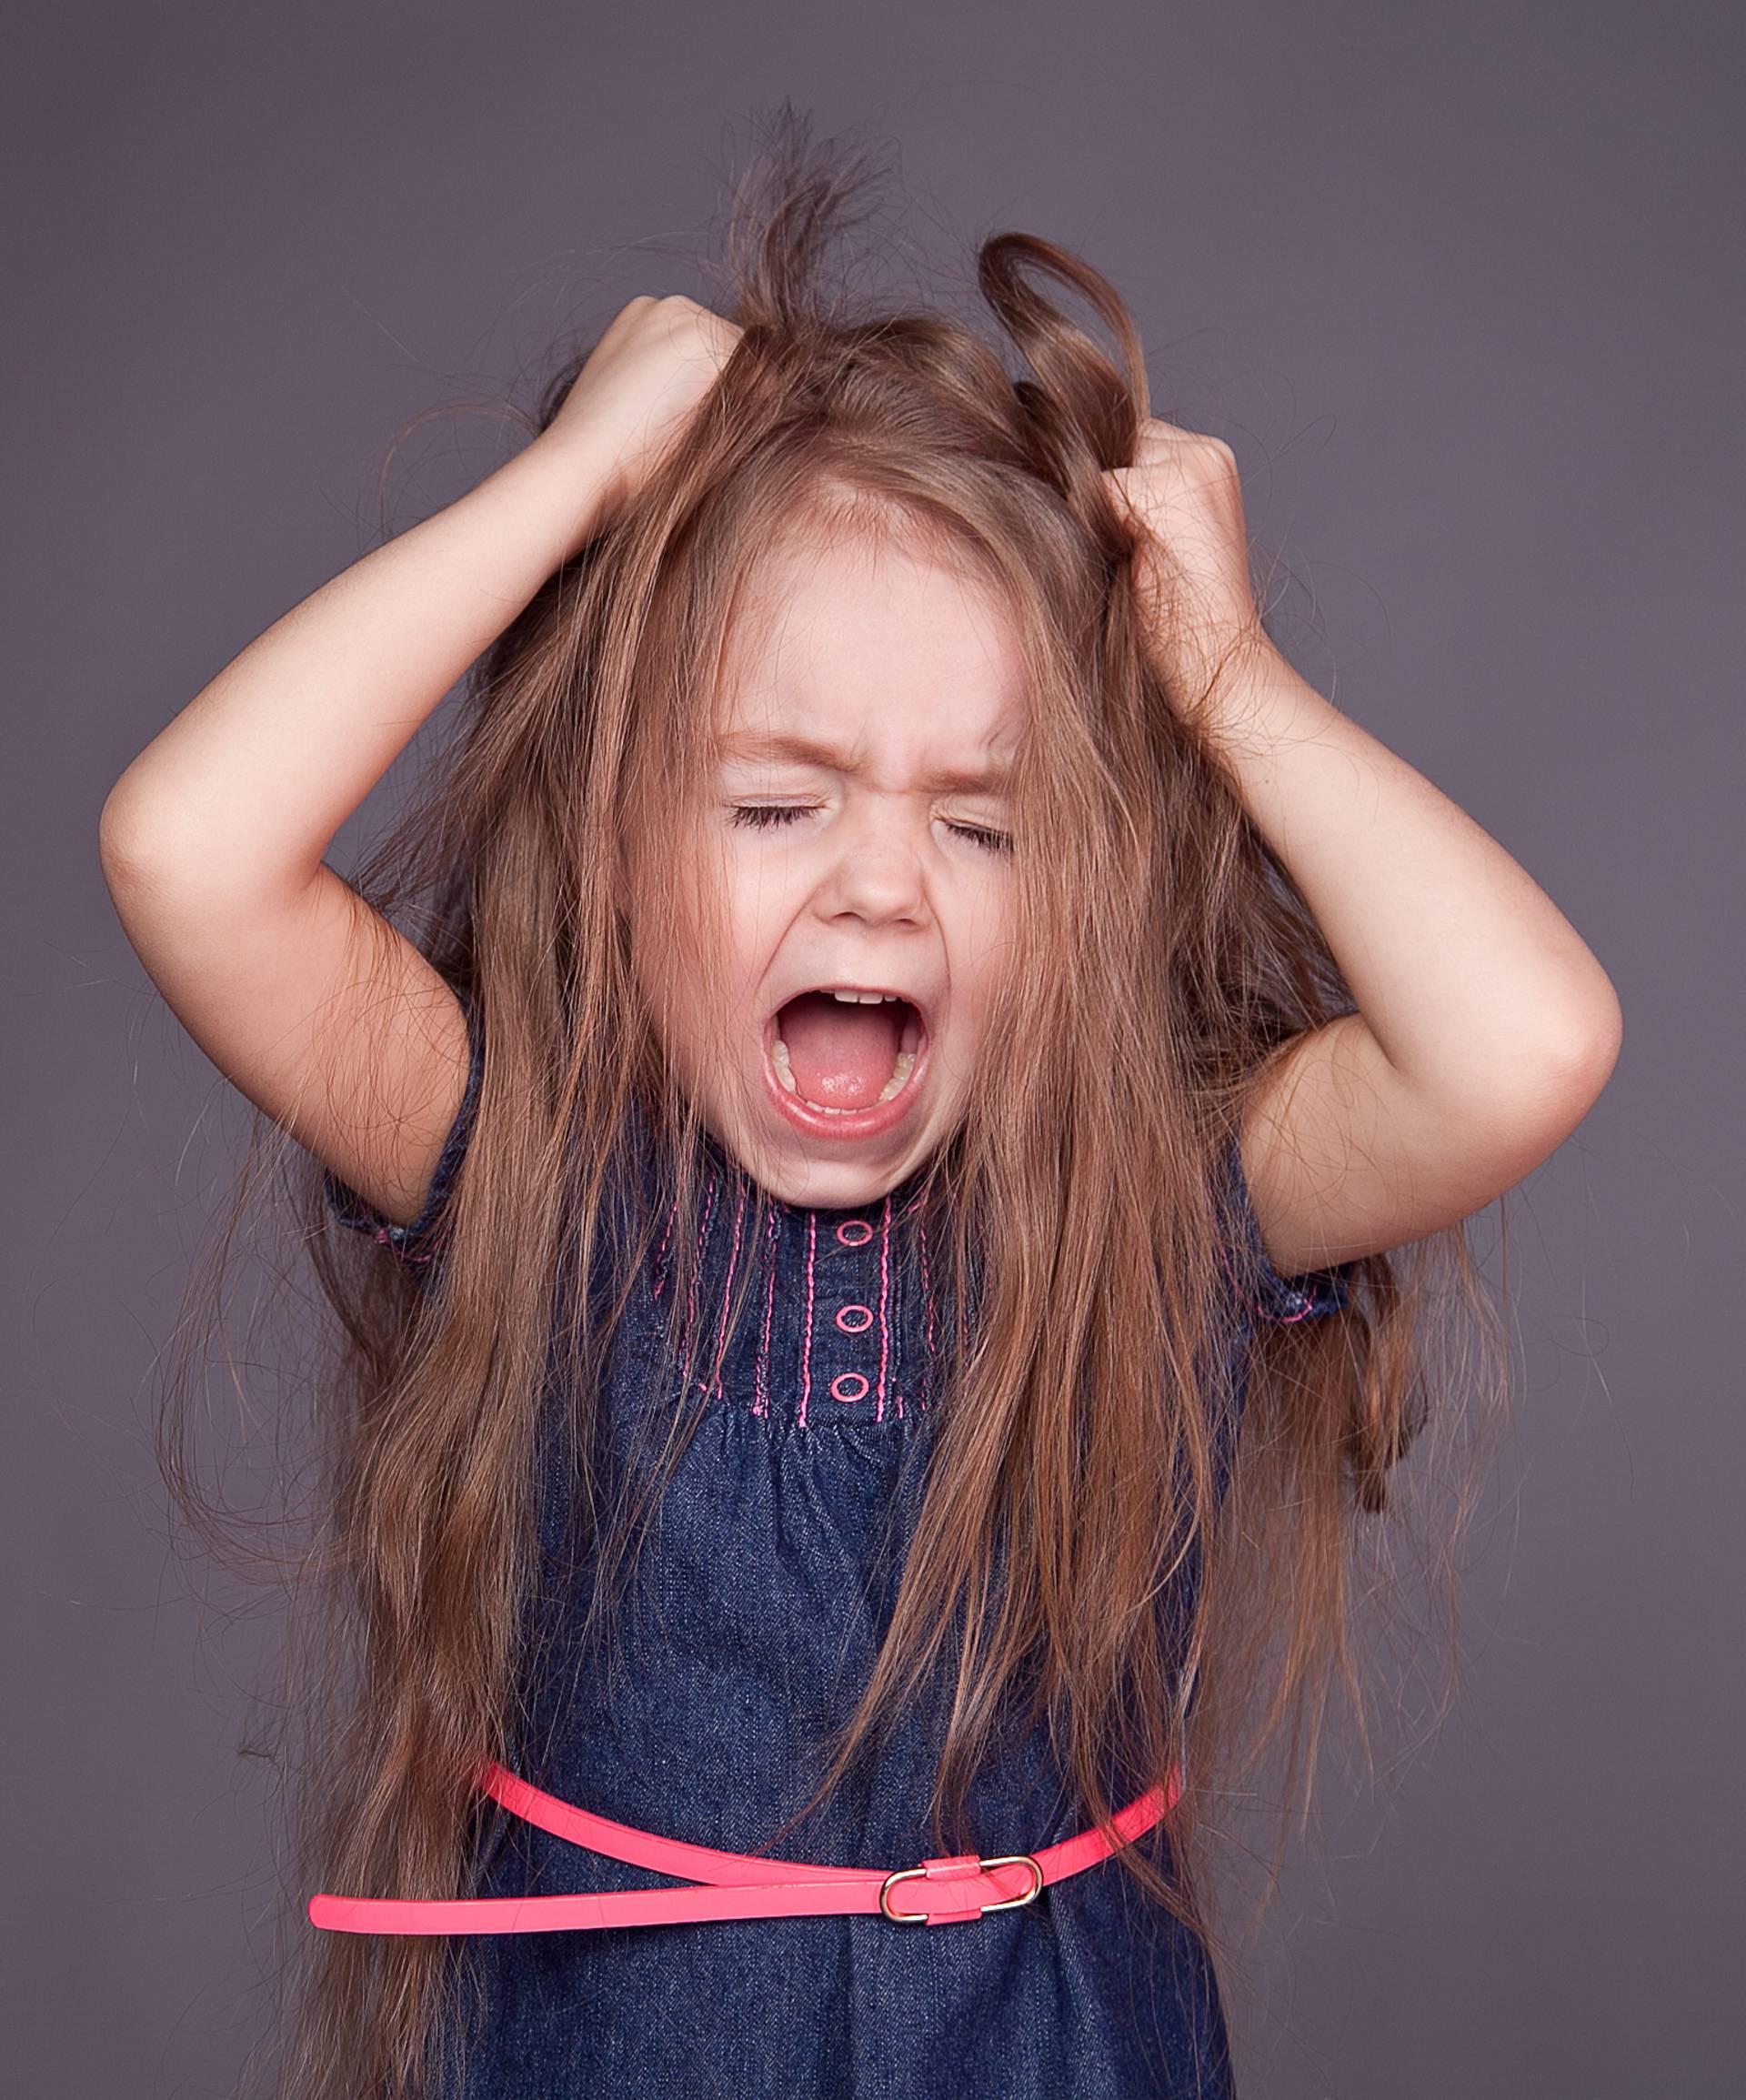 Zbog kemikalija u kozmetici curice mogu ranije u pubertet